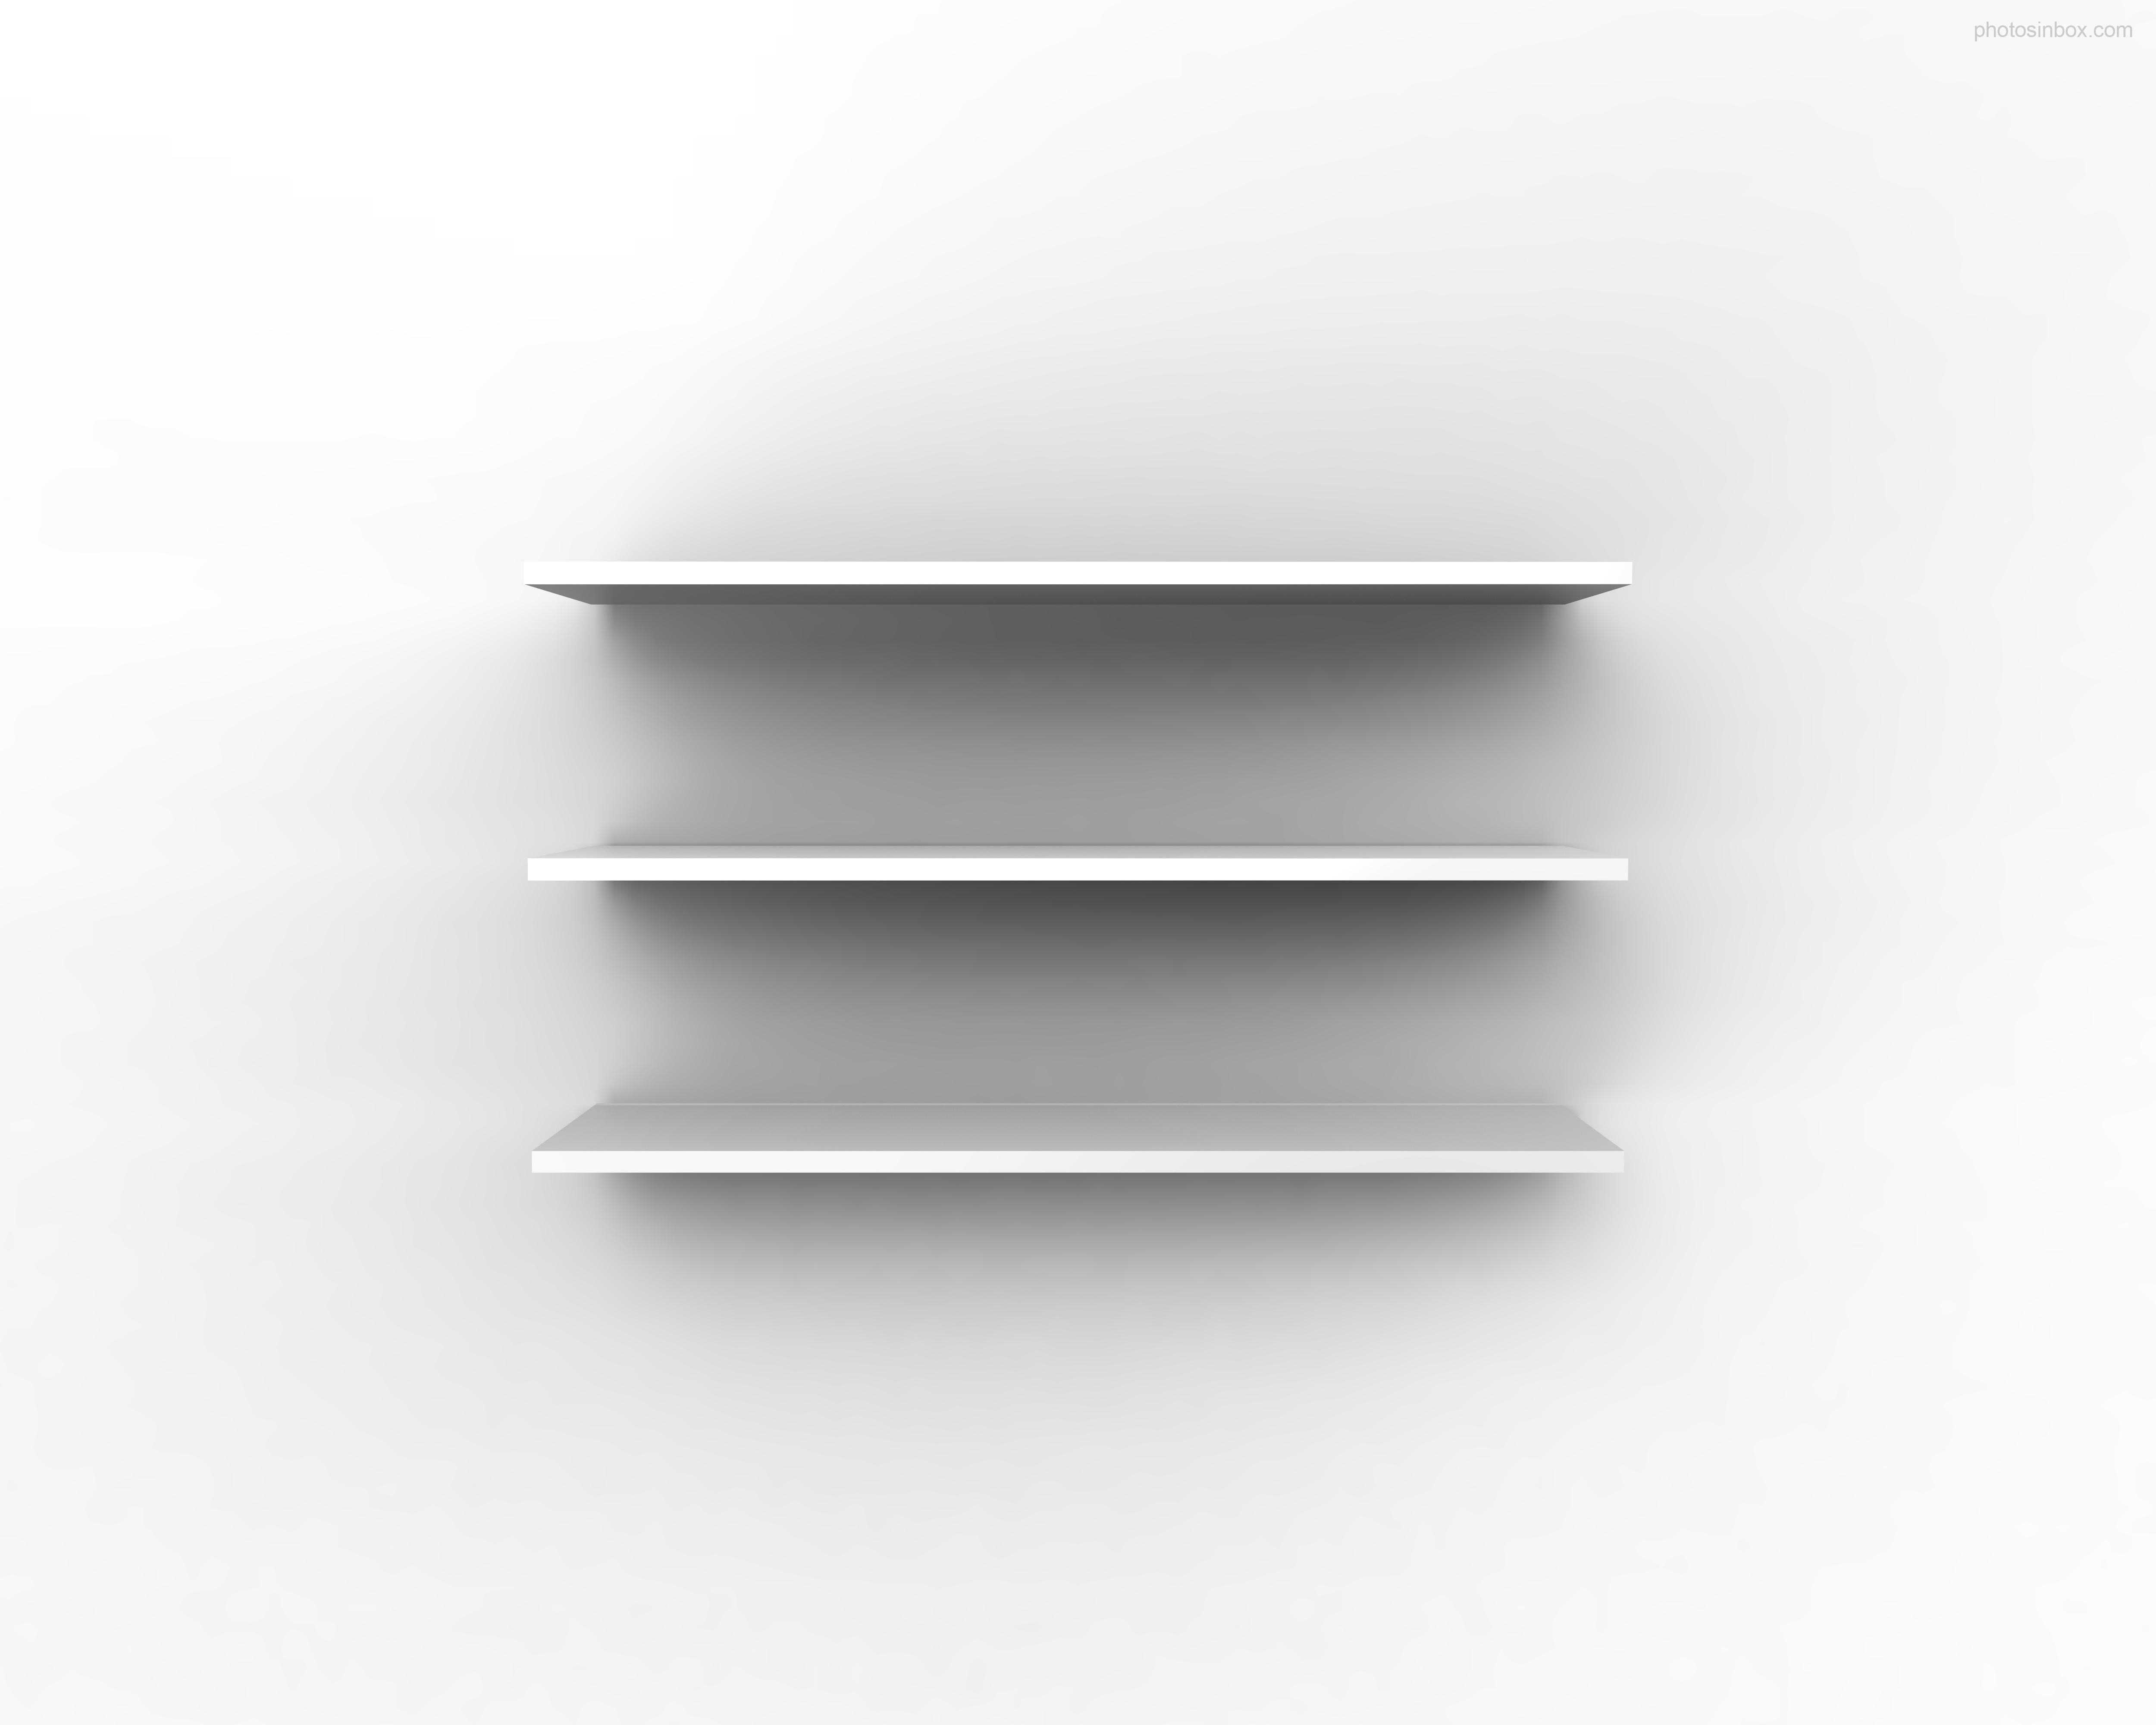 Desk and Shelves Desktop Wallpaper - WallpaperSafari